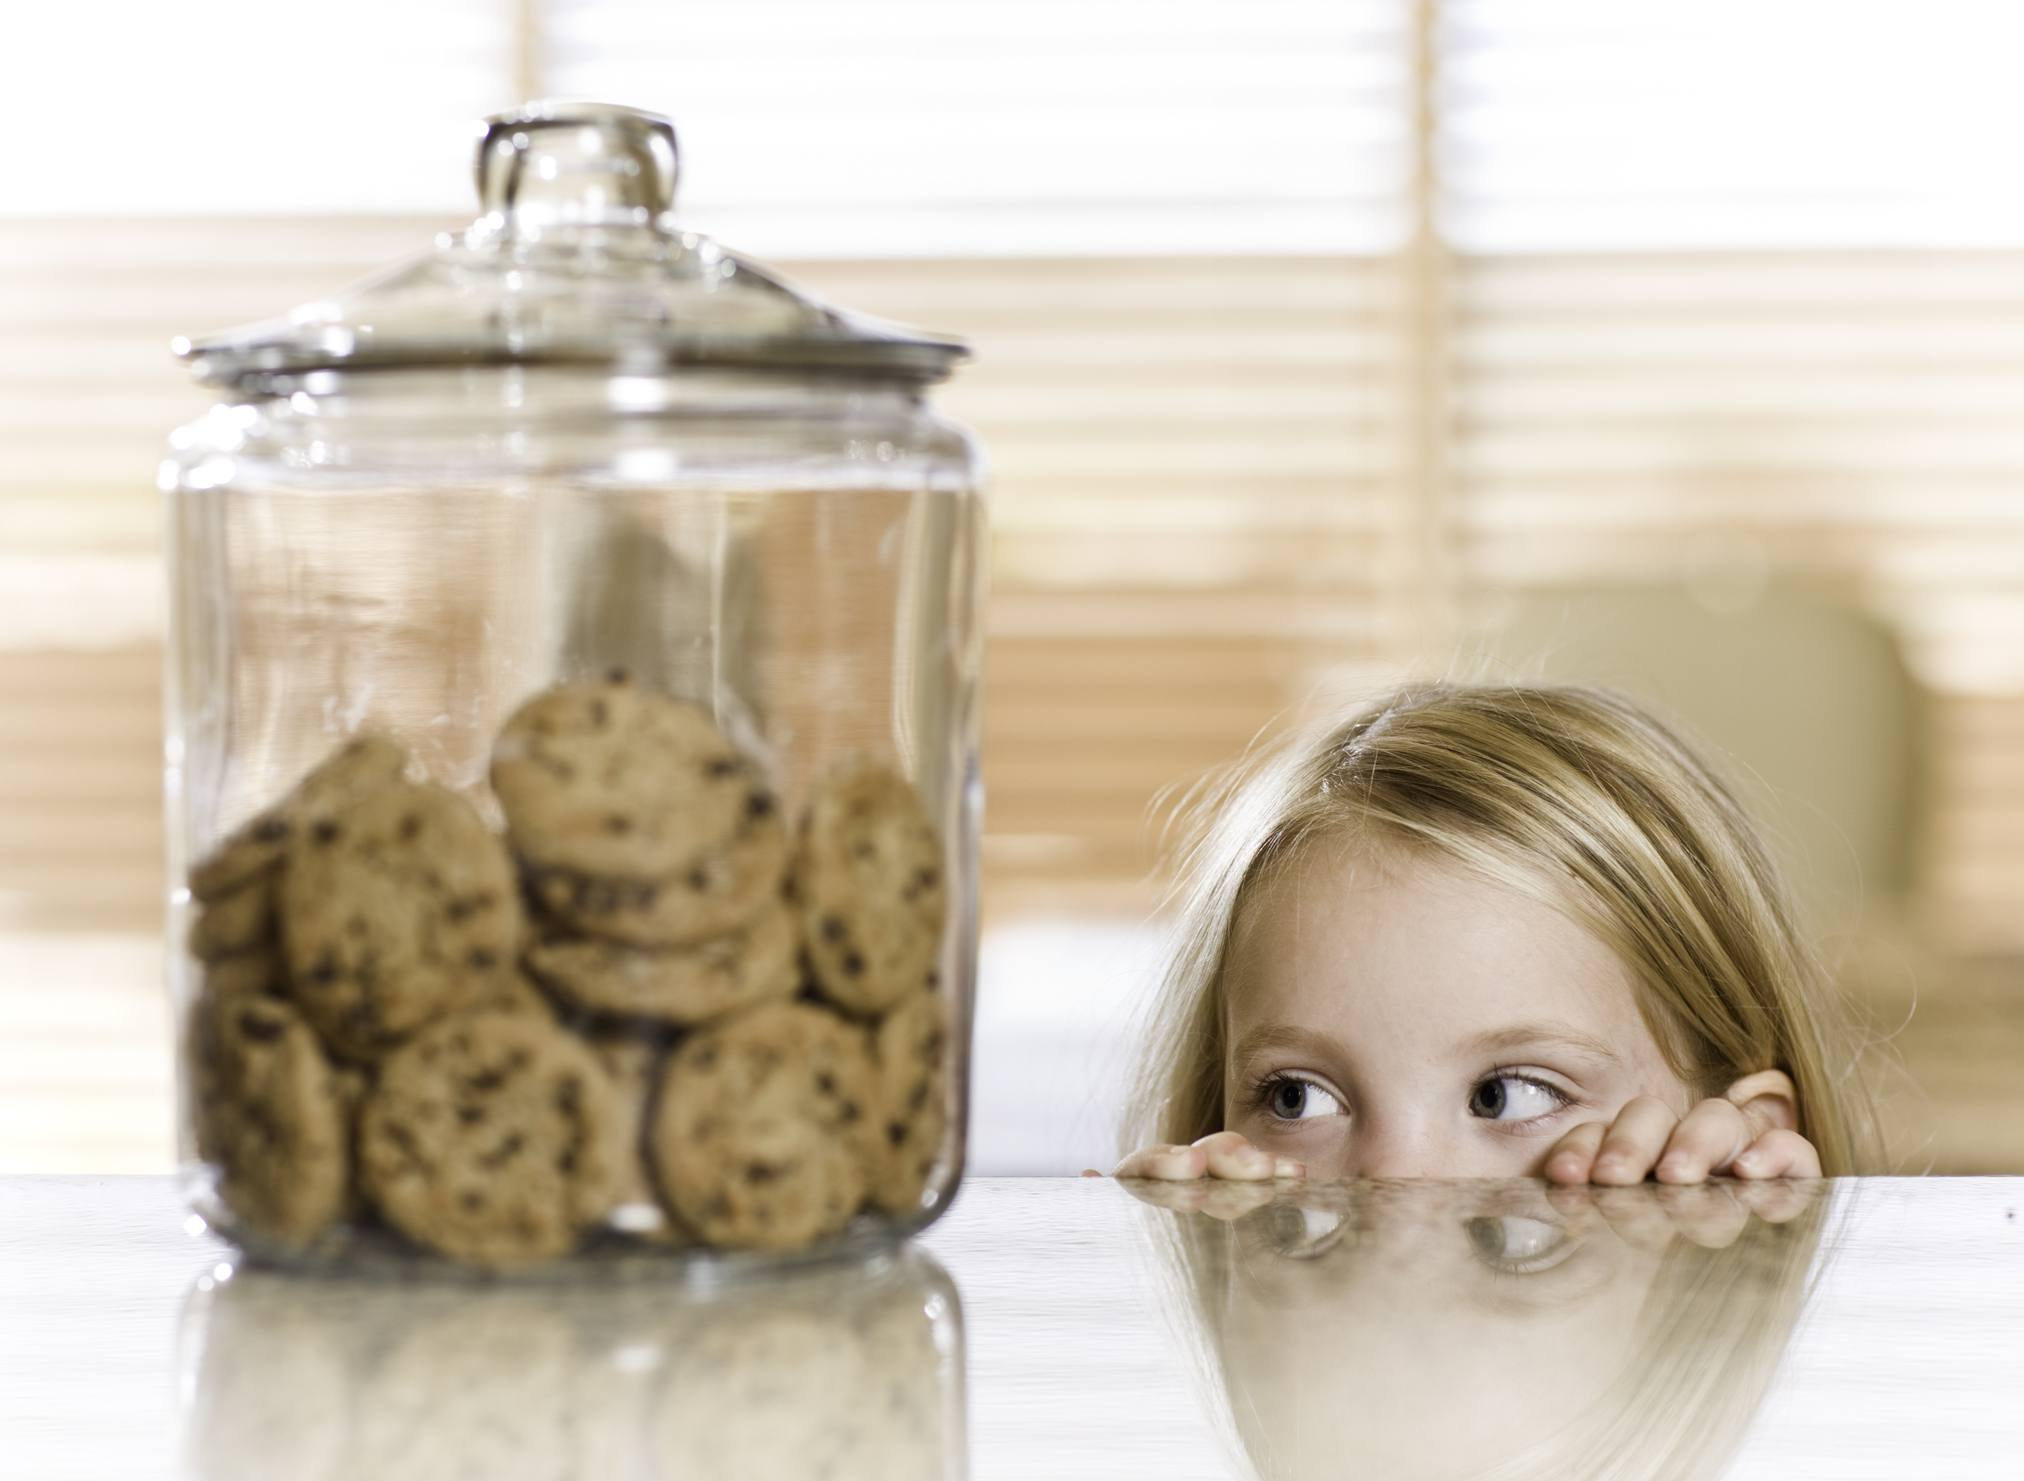 Self-discipline helps kids delay gratification.